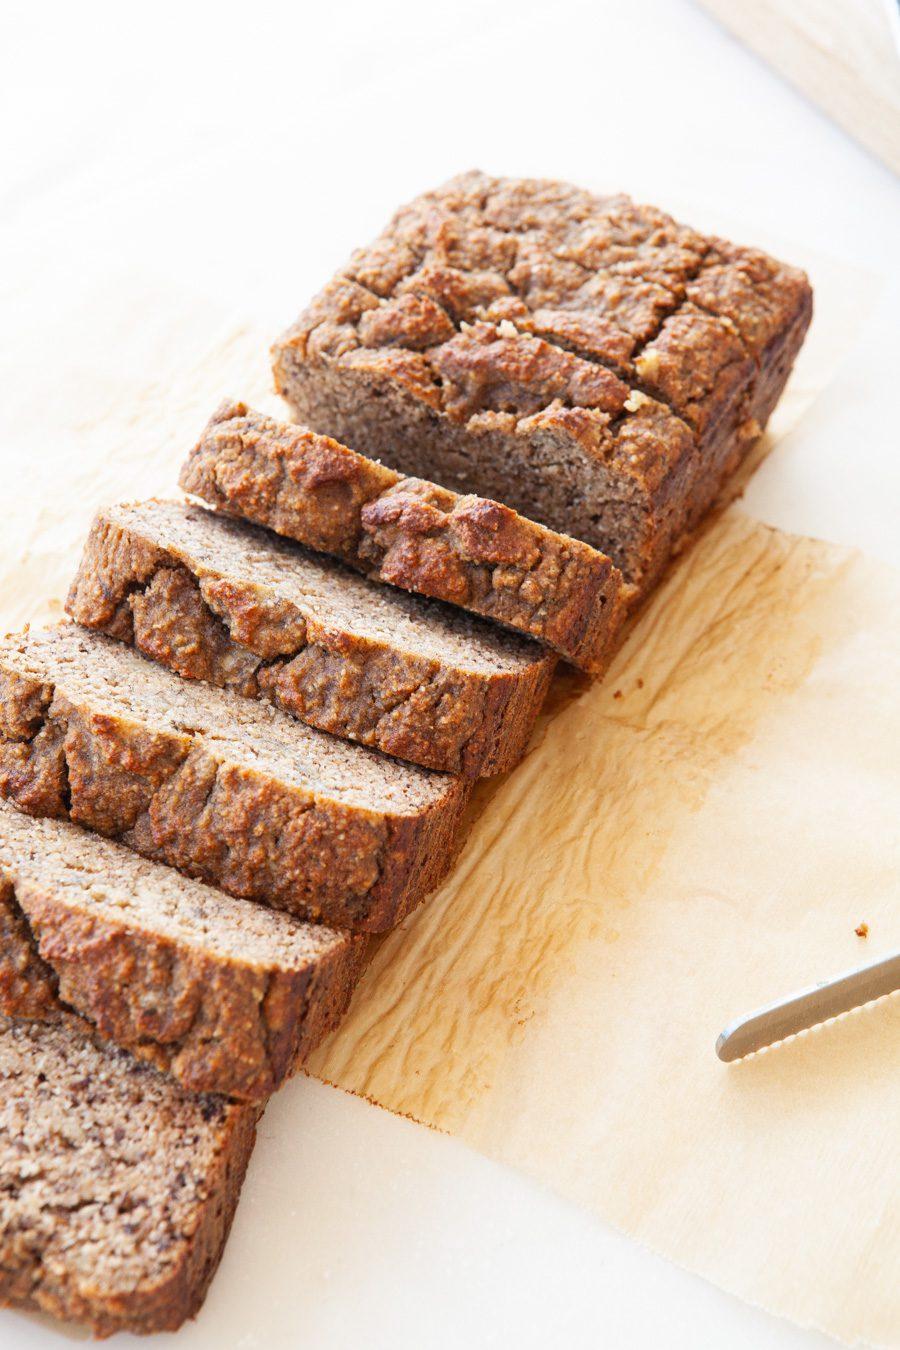 Road to Hana Banana Bread Recipe